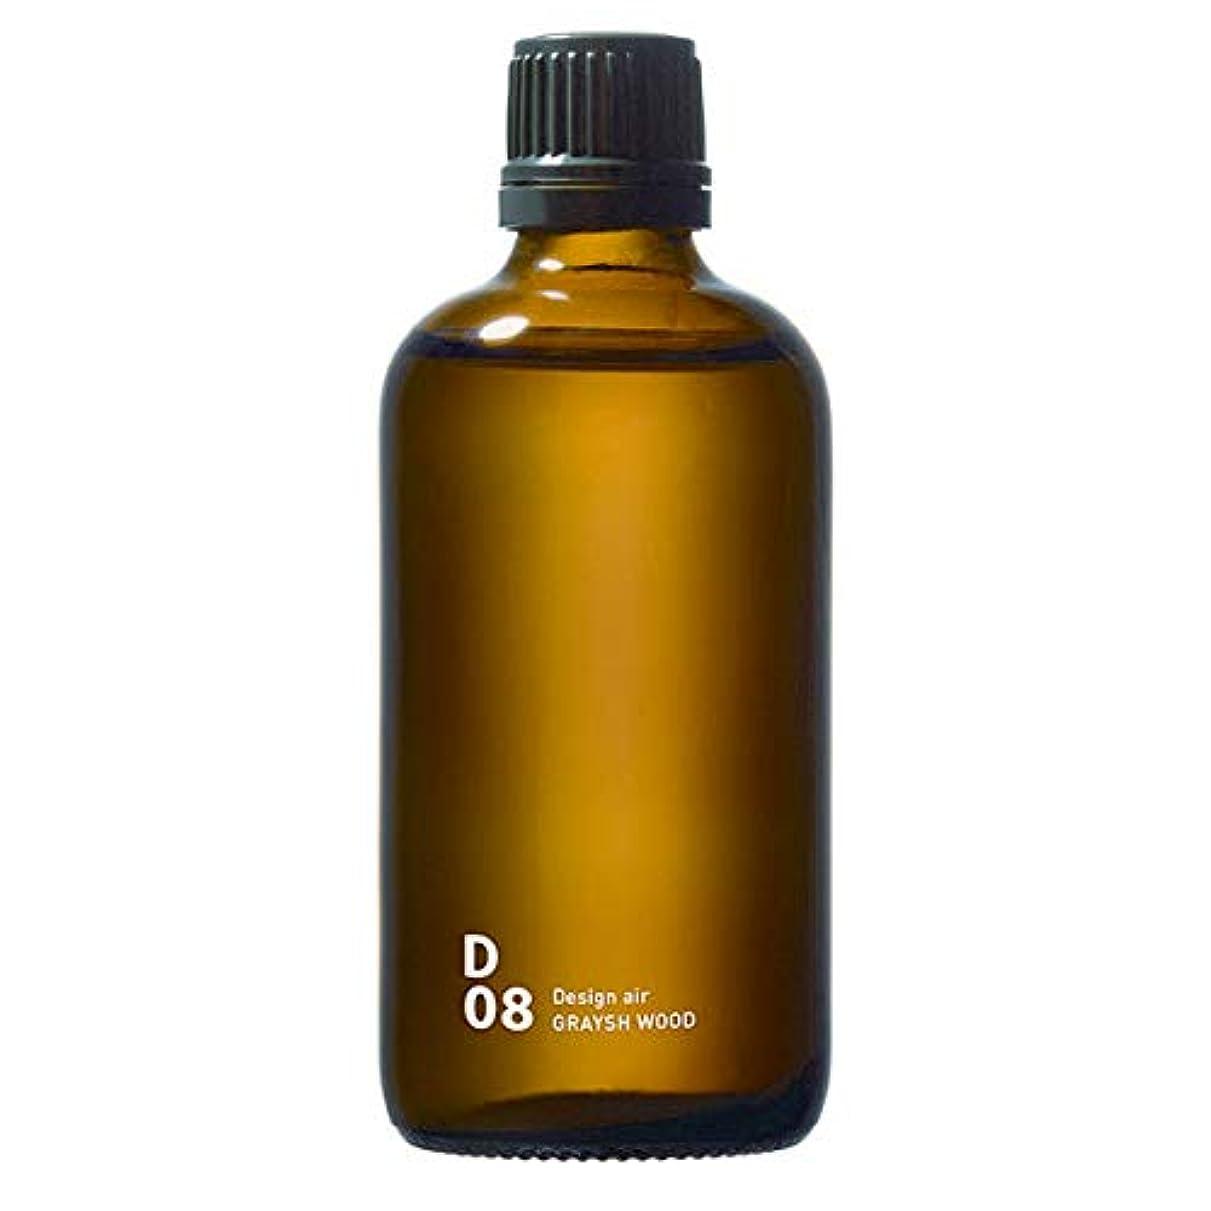 中央オデュッセウスさわやかD08 GRAYISH WOOD piezo aroma oil 100ml